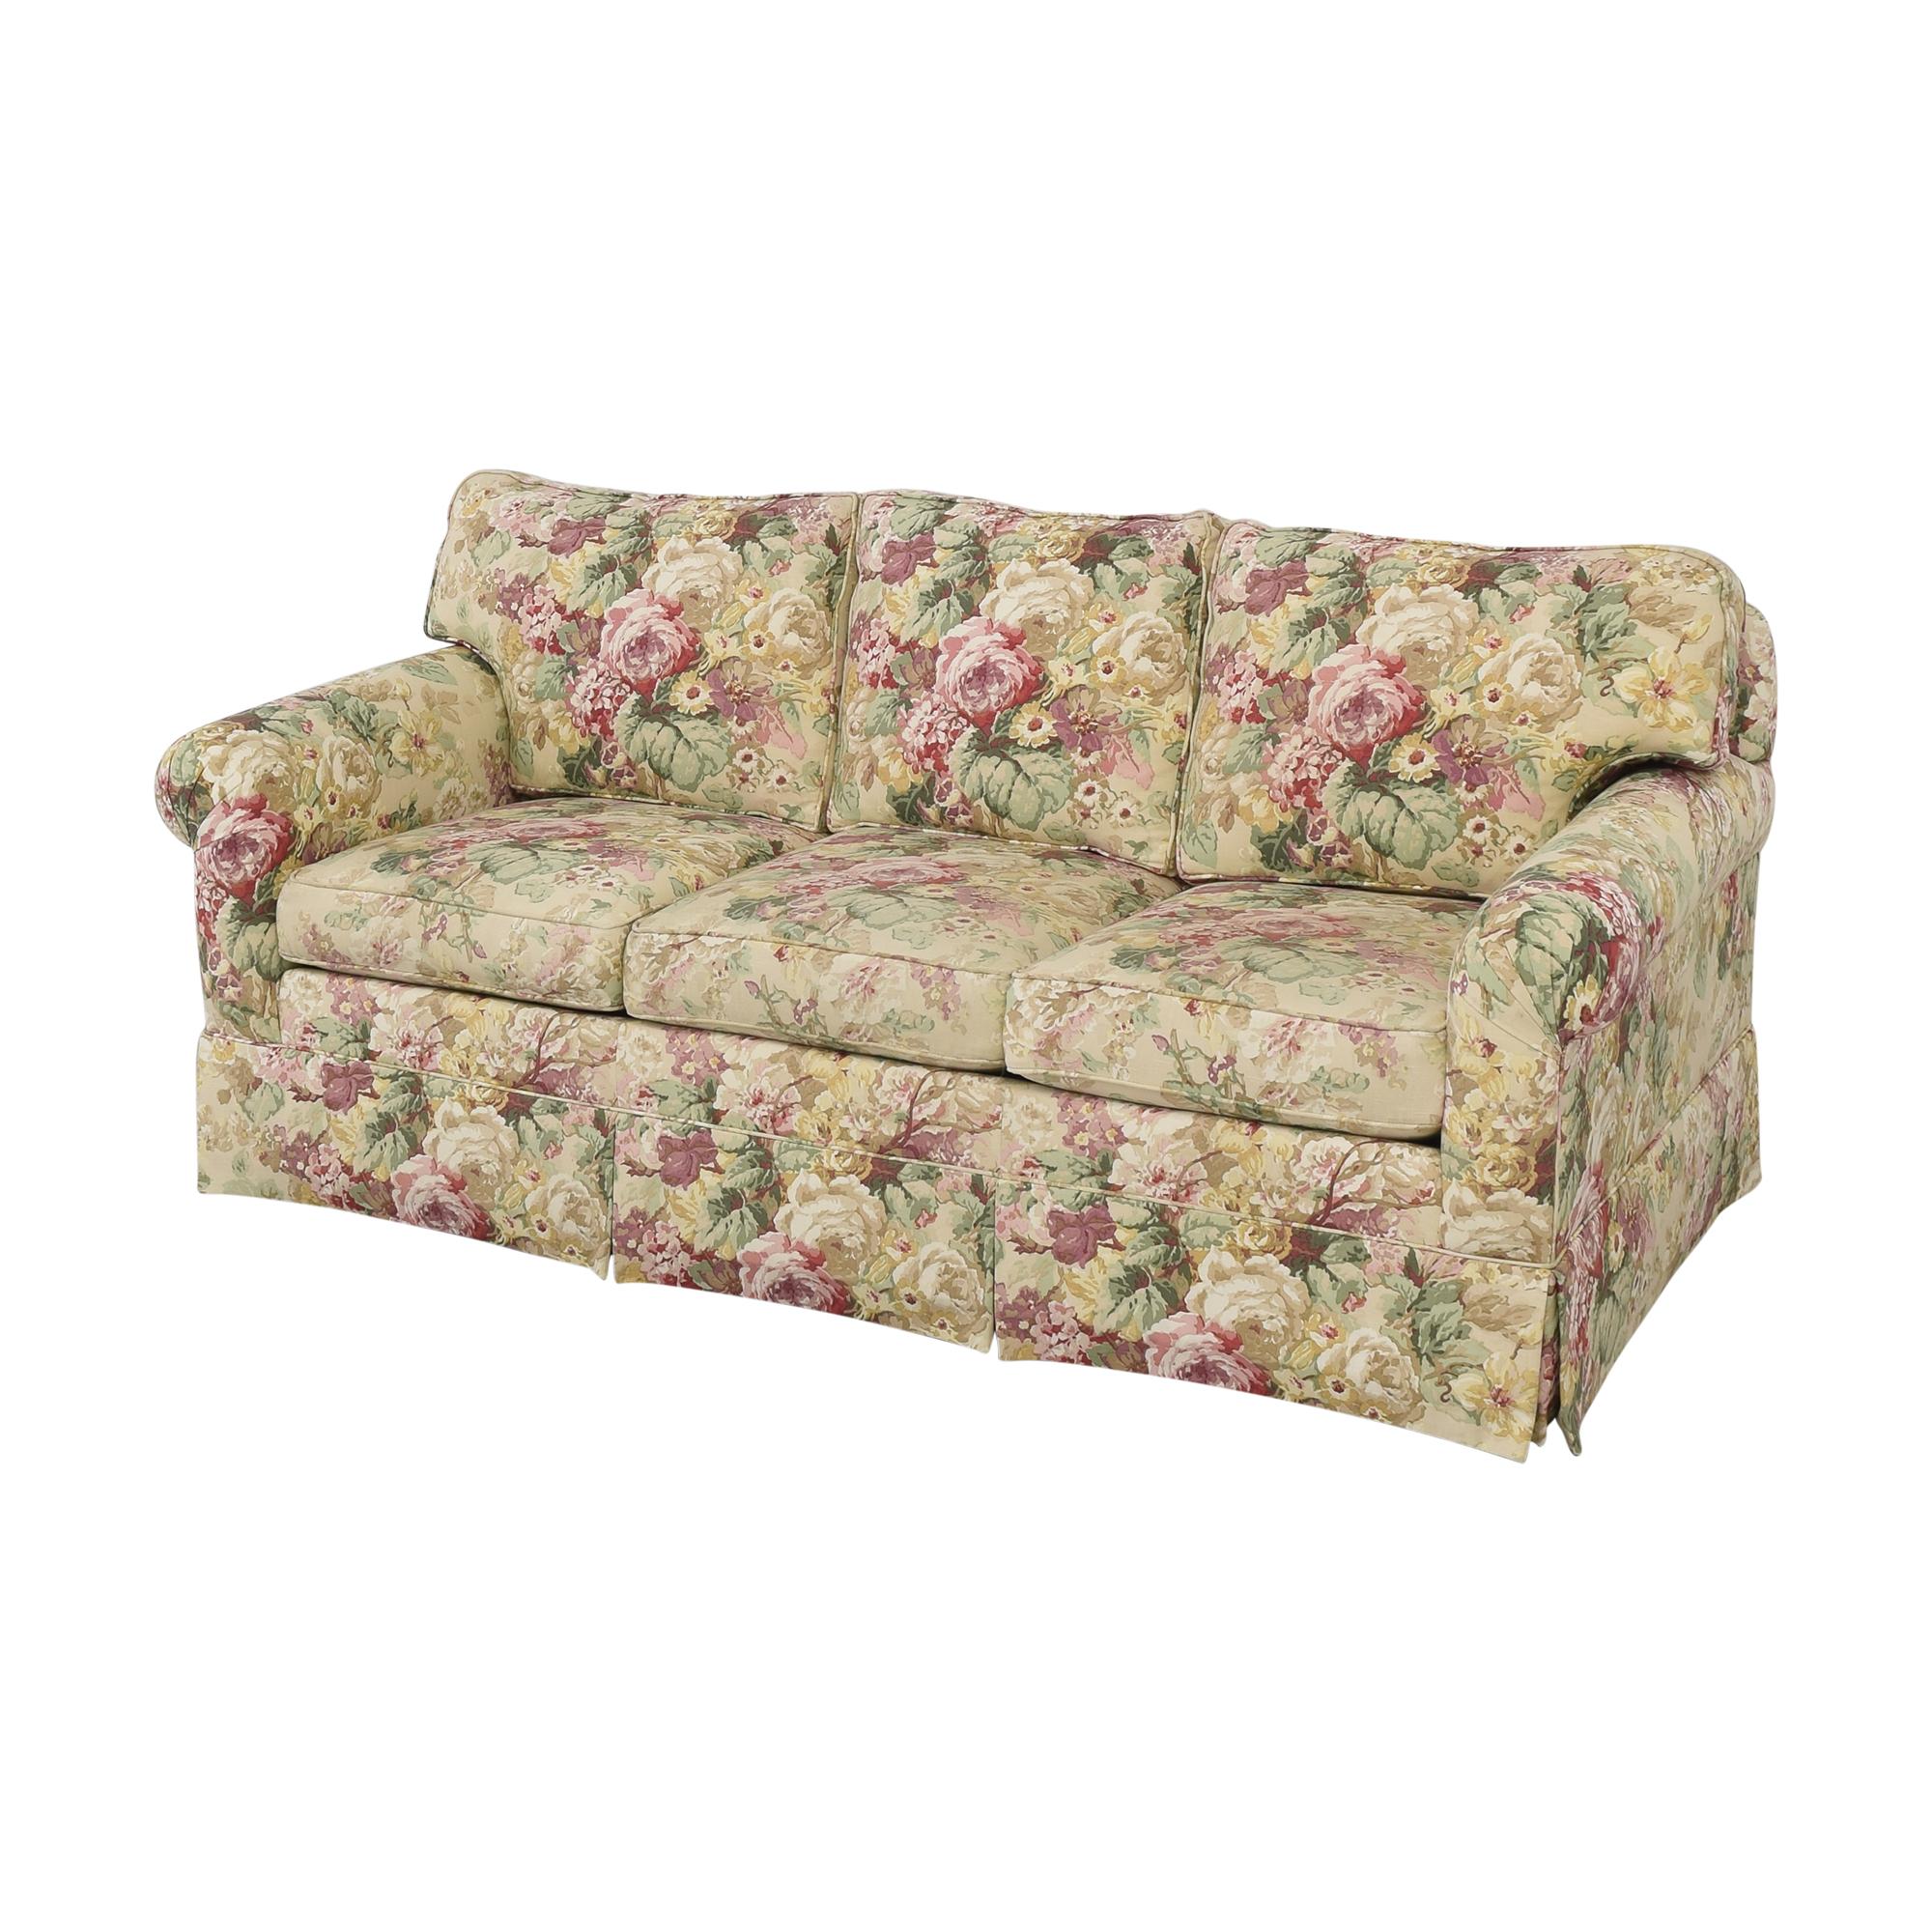 Ethan Allen Ethan Allen Floral Three Cushion Sofa pa